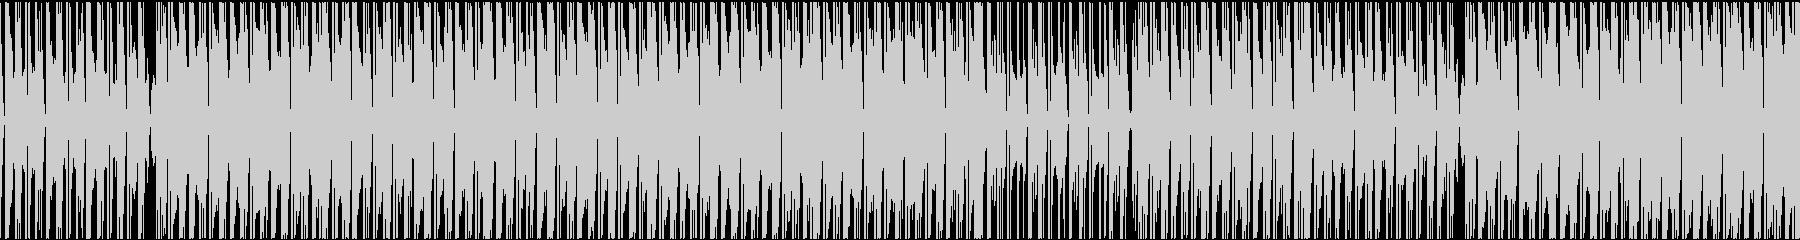 ティーン 民謡 コーポレート アク...の未再生の波形